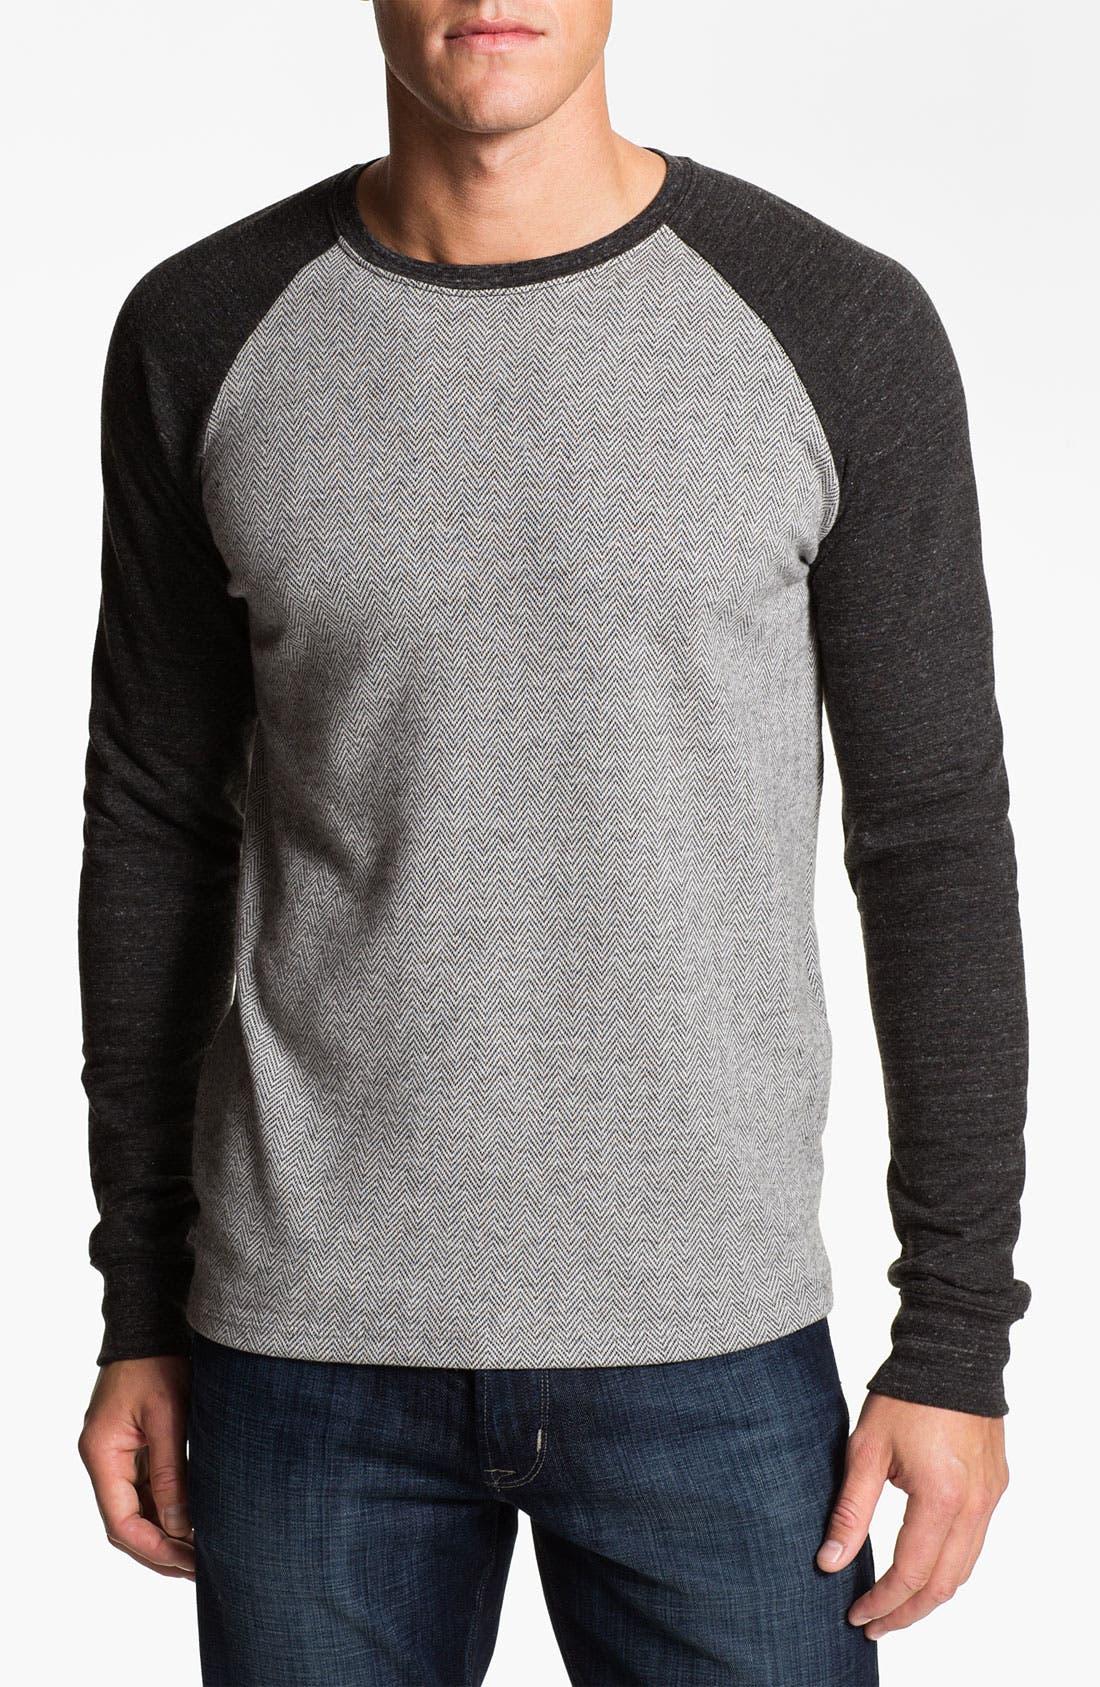 Main Image - Threads for Thought Herringbone Sweatshirt